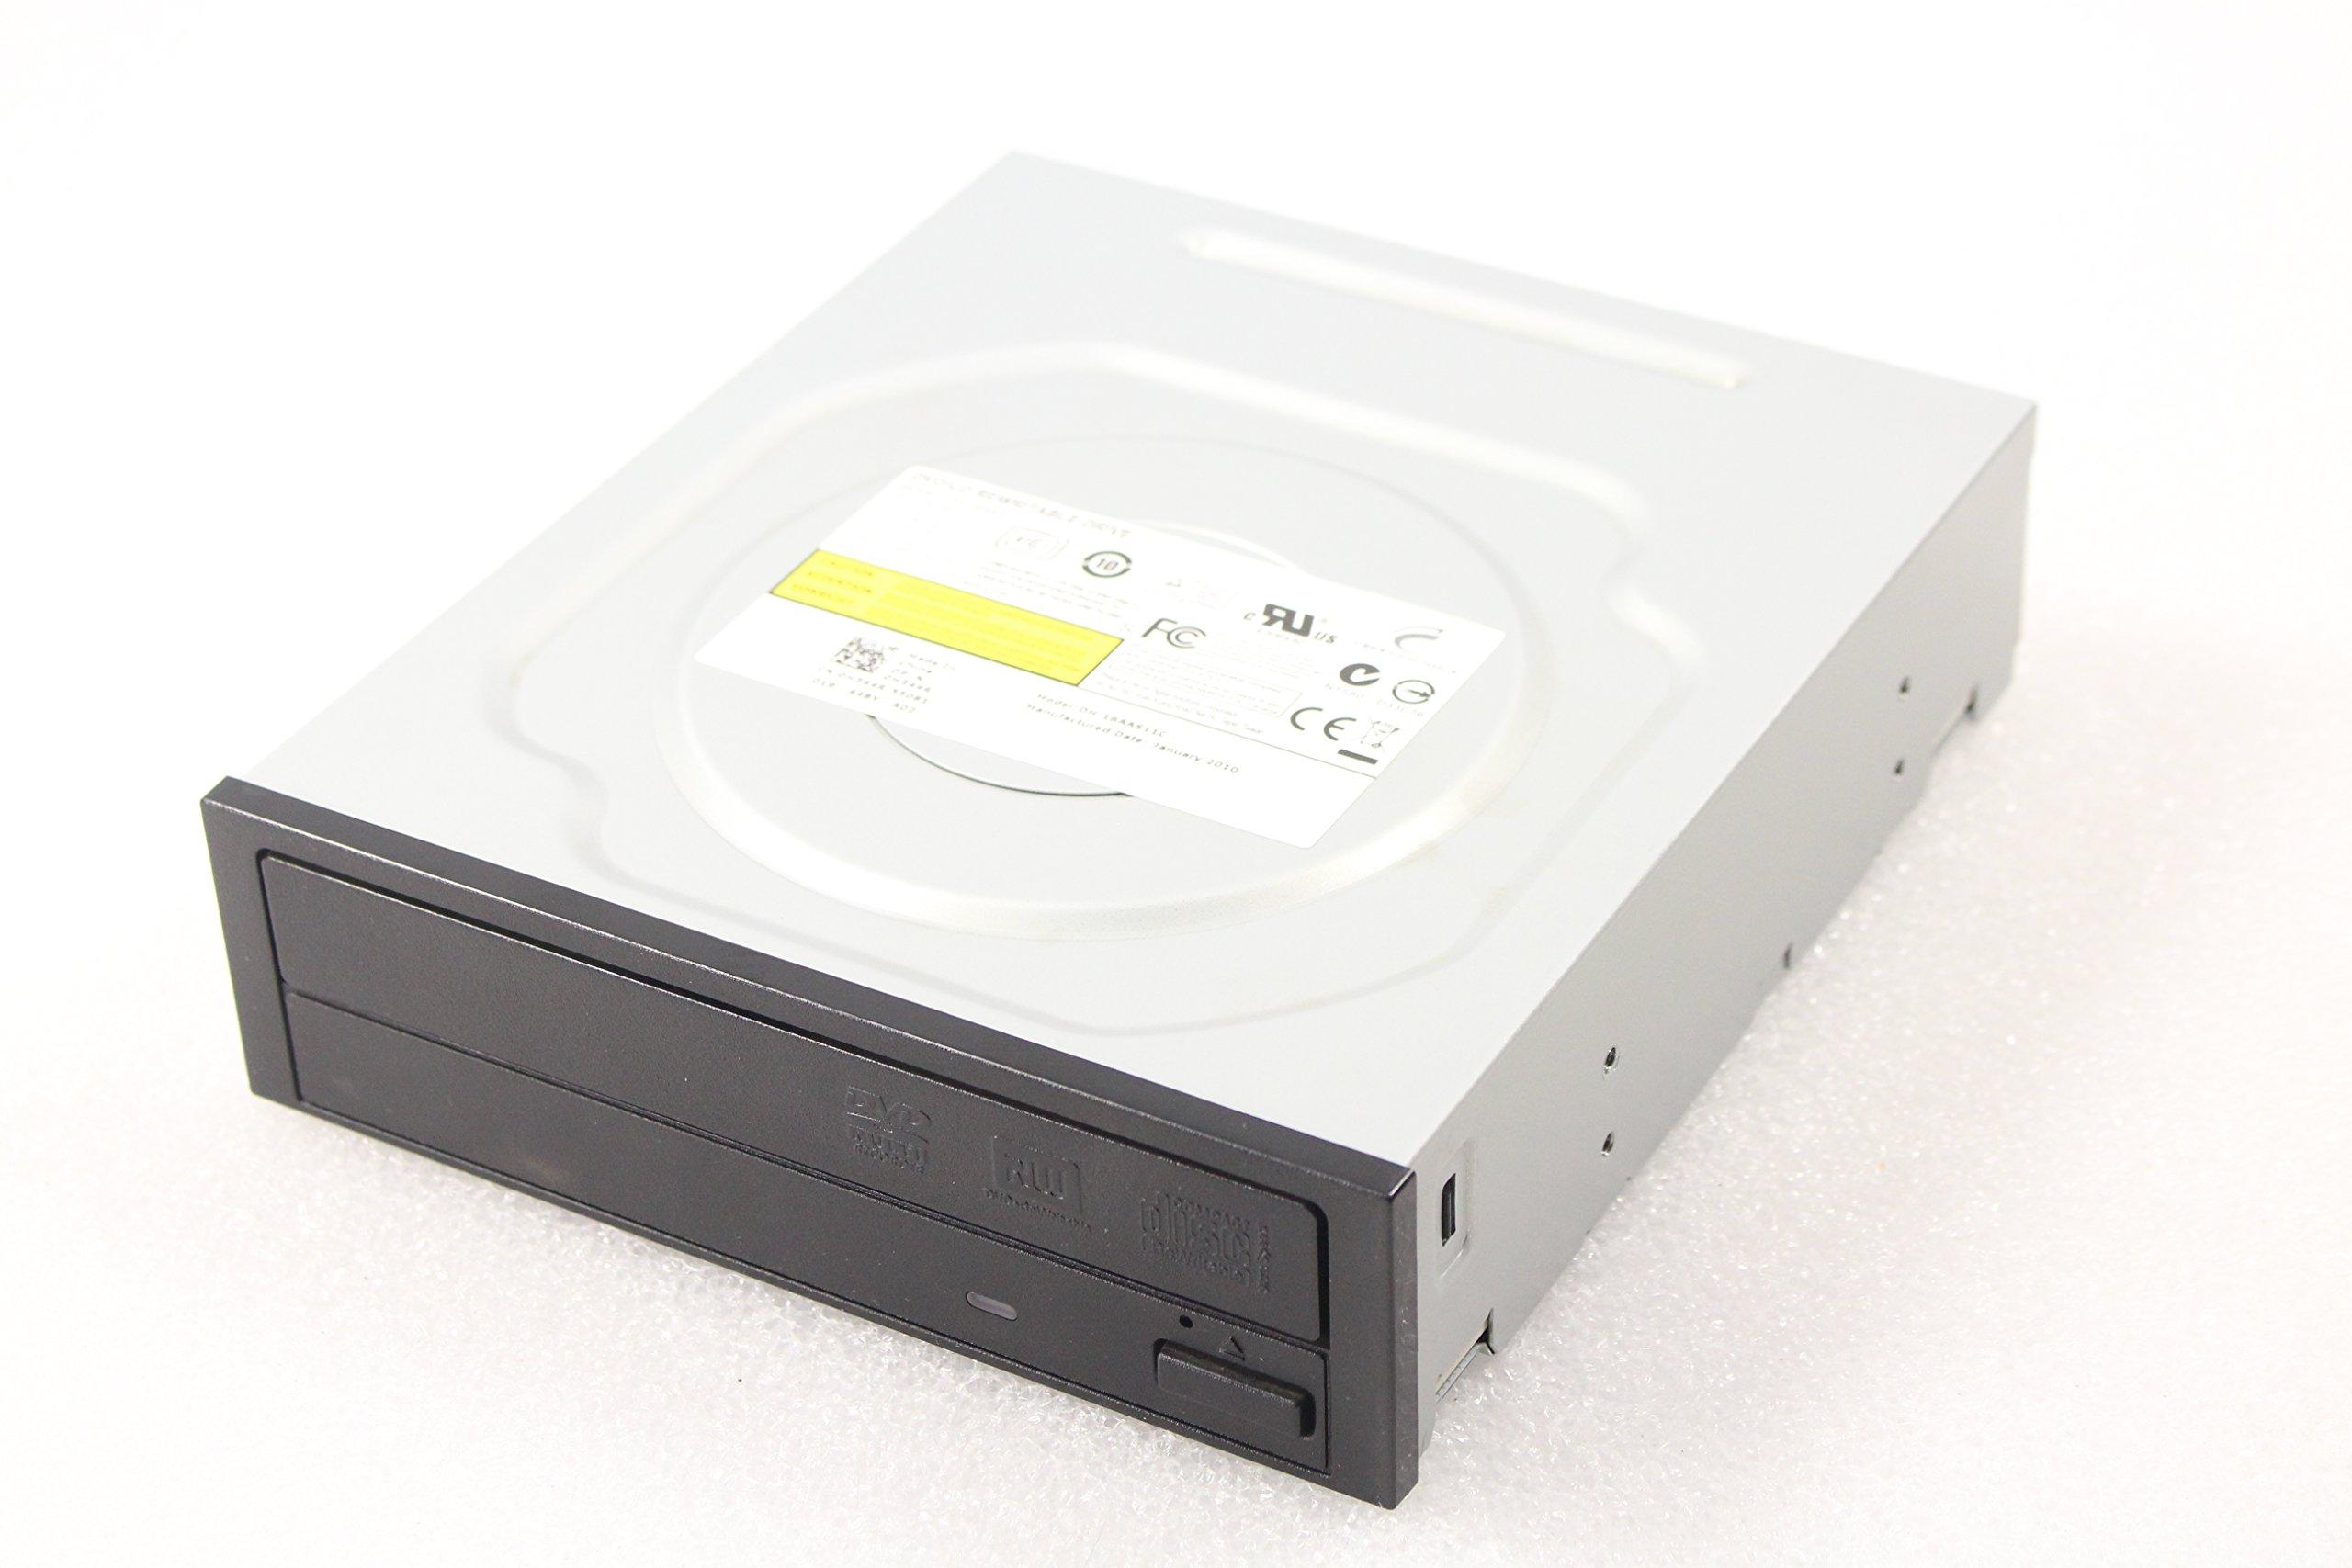 Dell Optiplex/Dimension/Inspiron 16x DVD+/-RW SATA Optical Drive- H344R